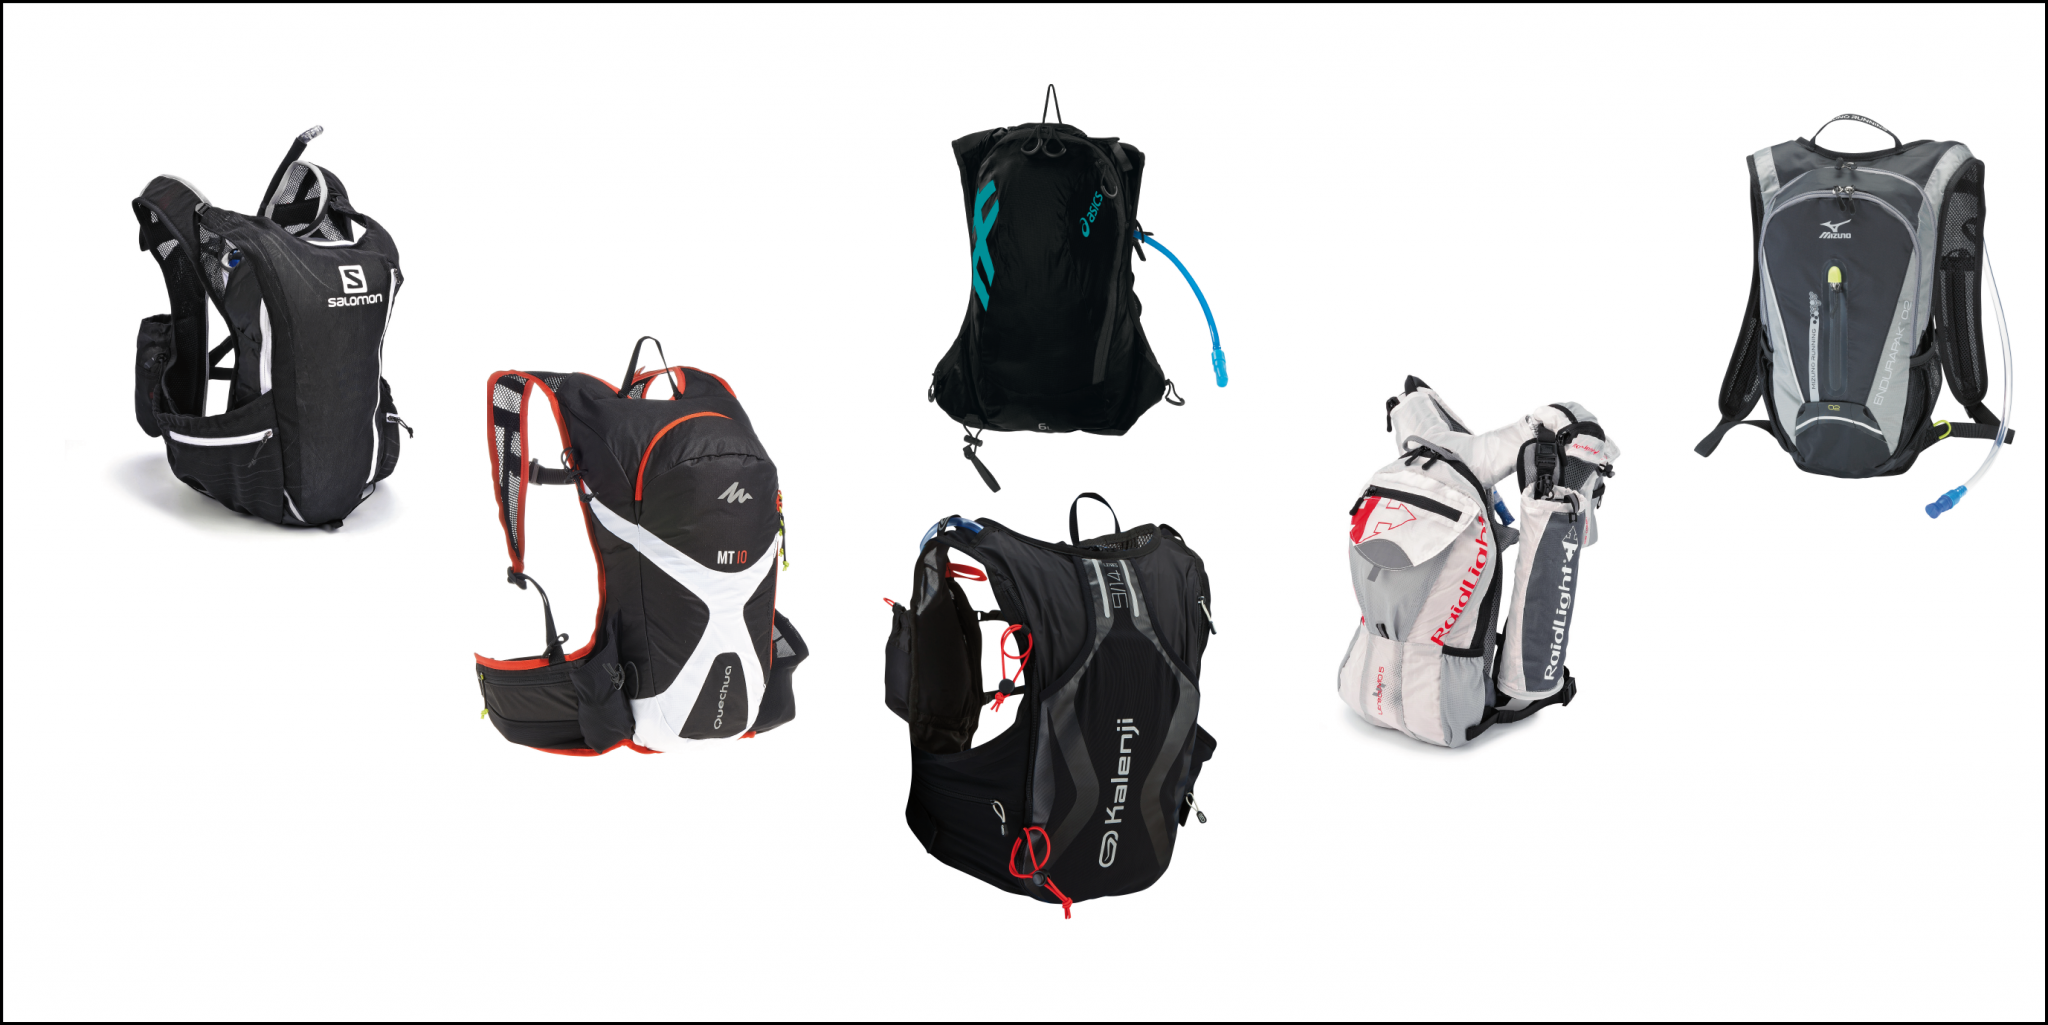 41f1bbe0a62a3 Il existe des sacs de trail de toutes sortes et pour toutes les distances.  Le volume du sac varie en fonction de la distance visée et du matériel à  apporter ...